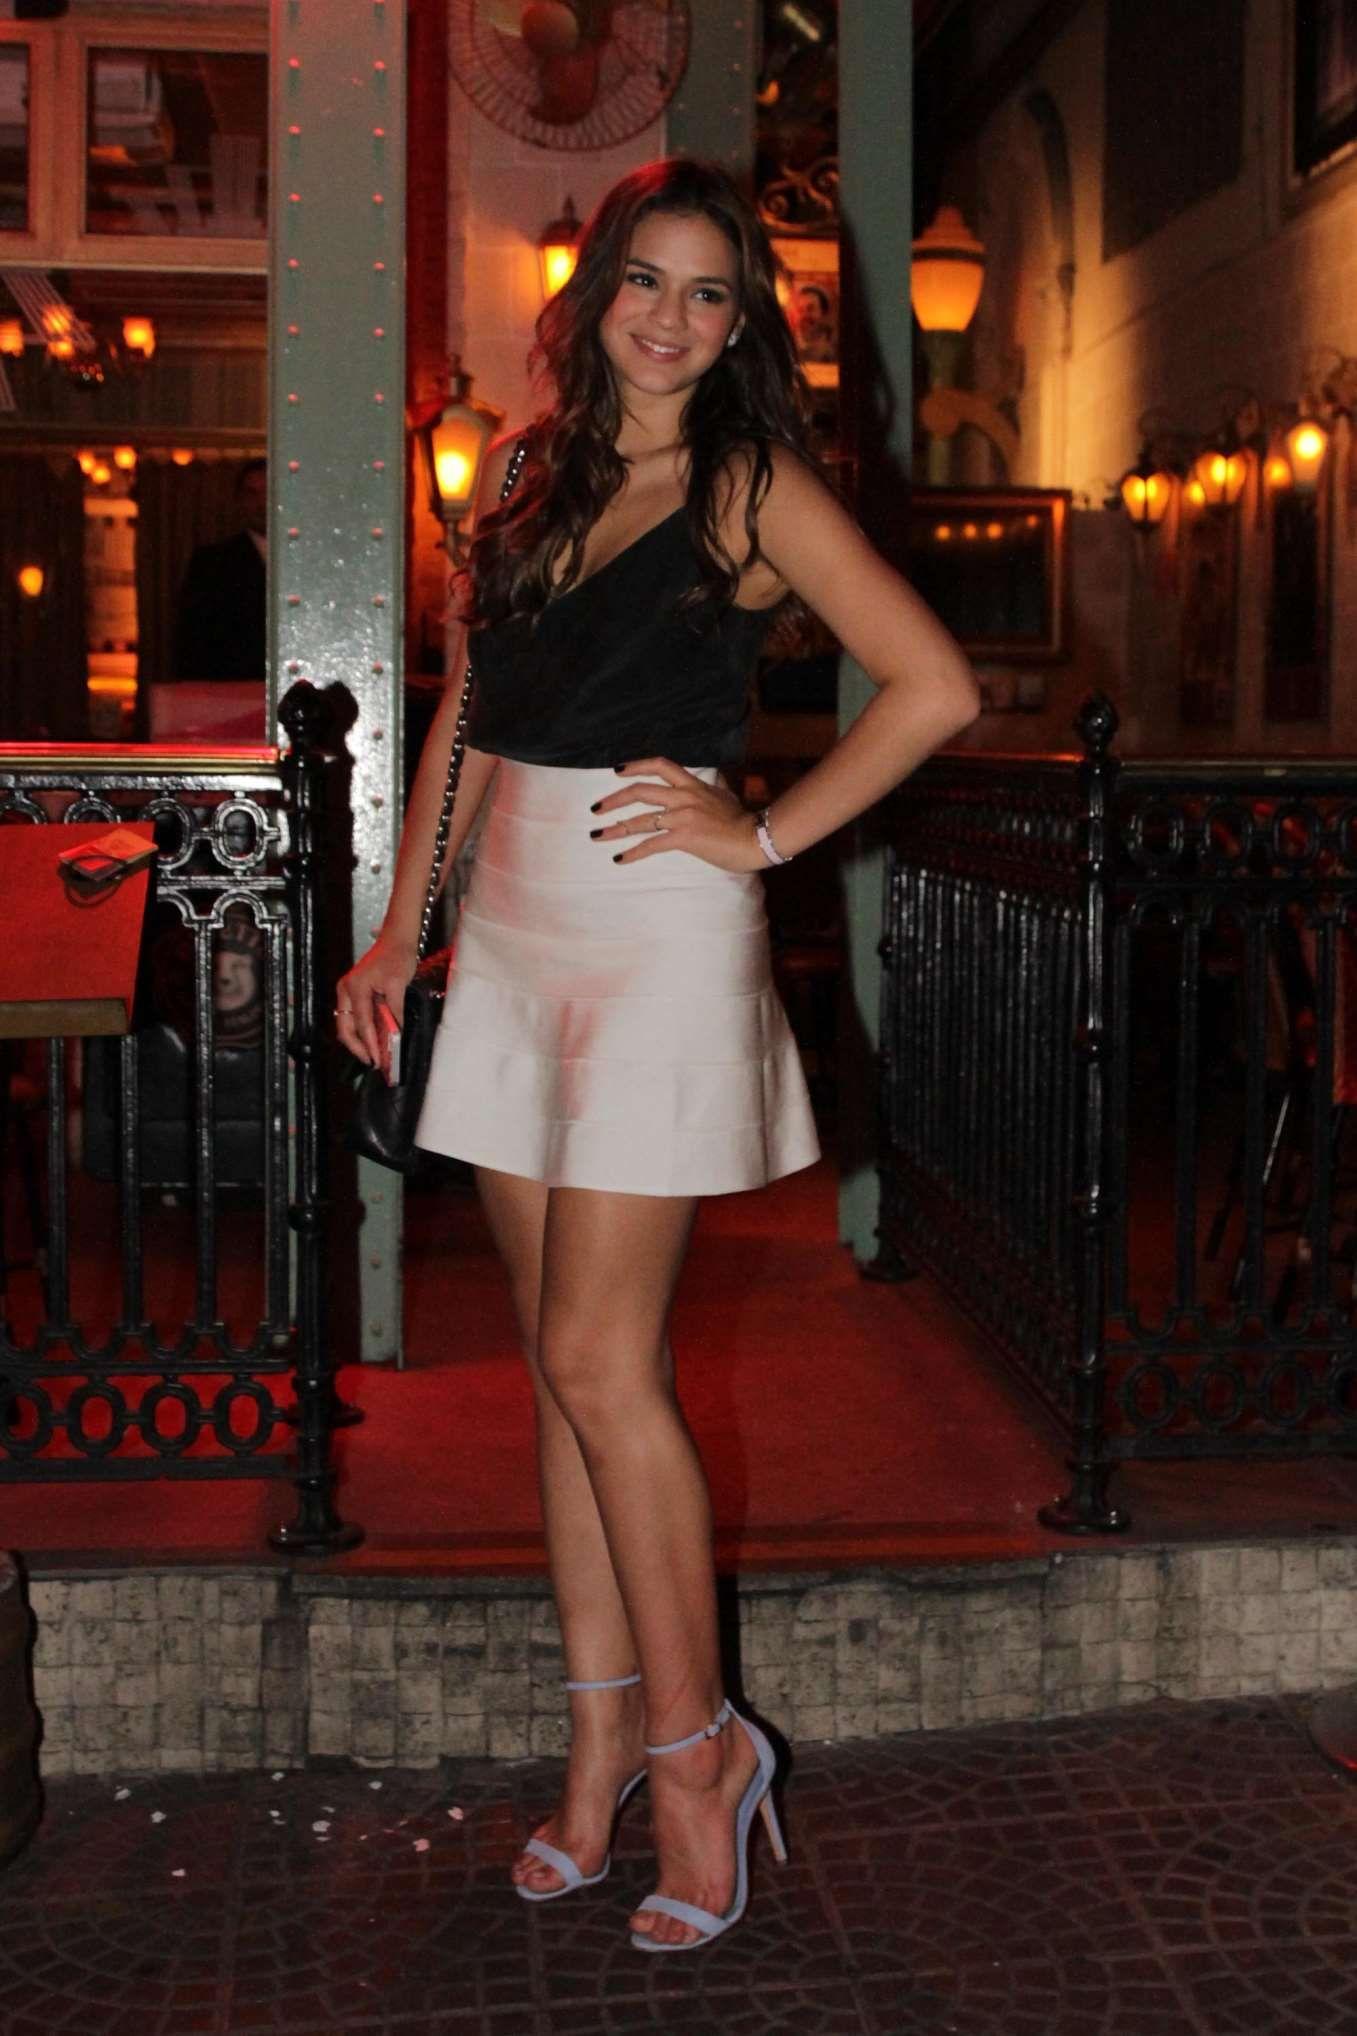 Bruna Marquezine usa look preto e branco para jantar com amigos em São Paulo 4ee89d77d7